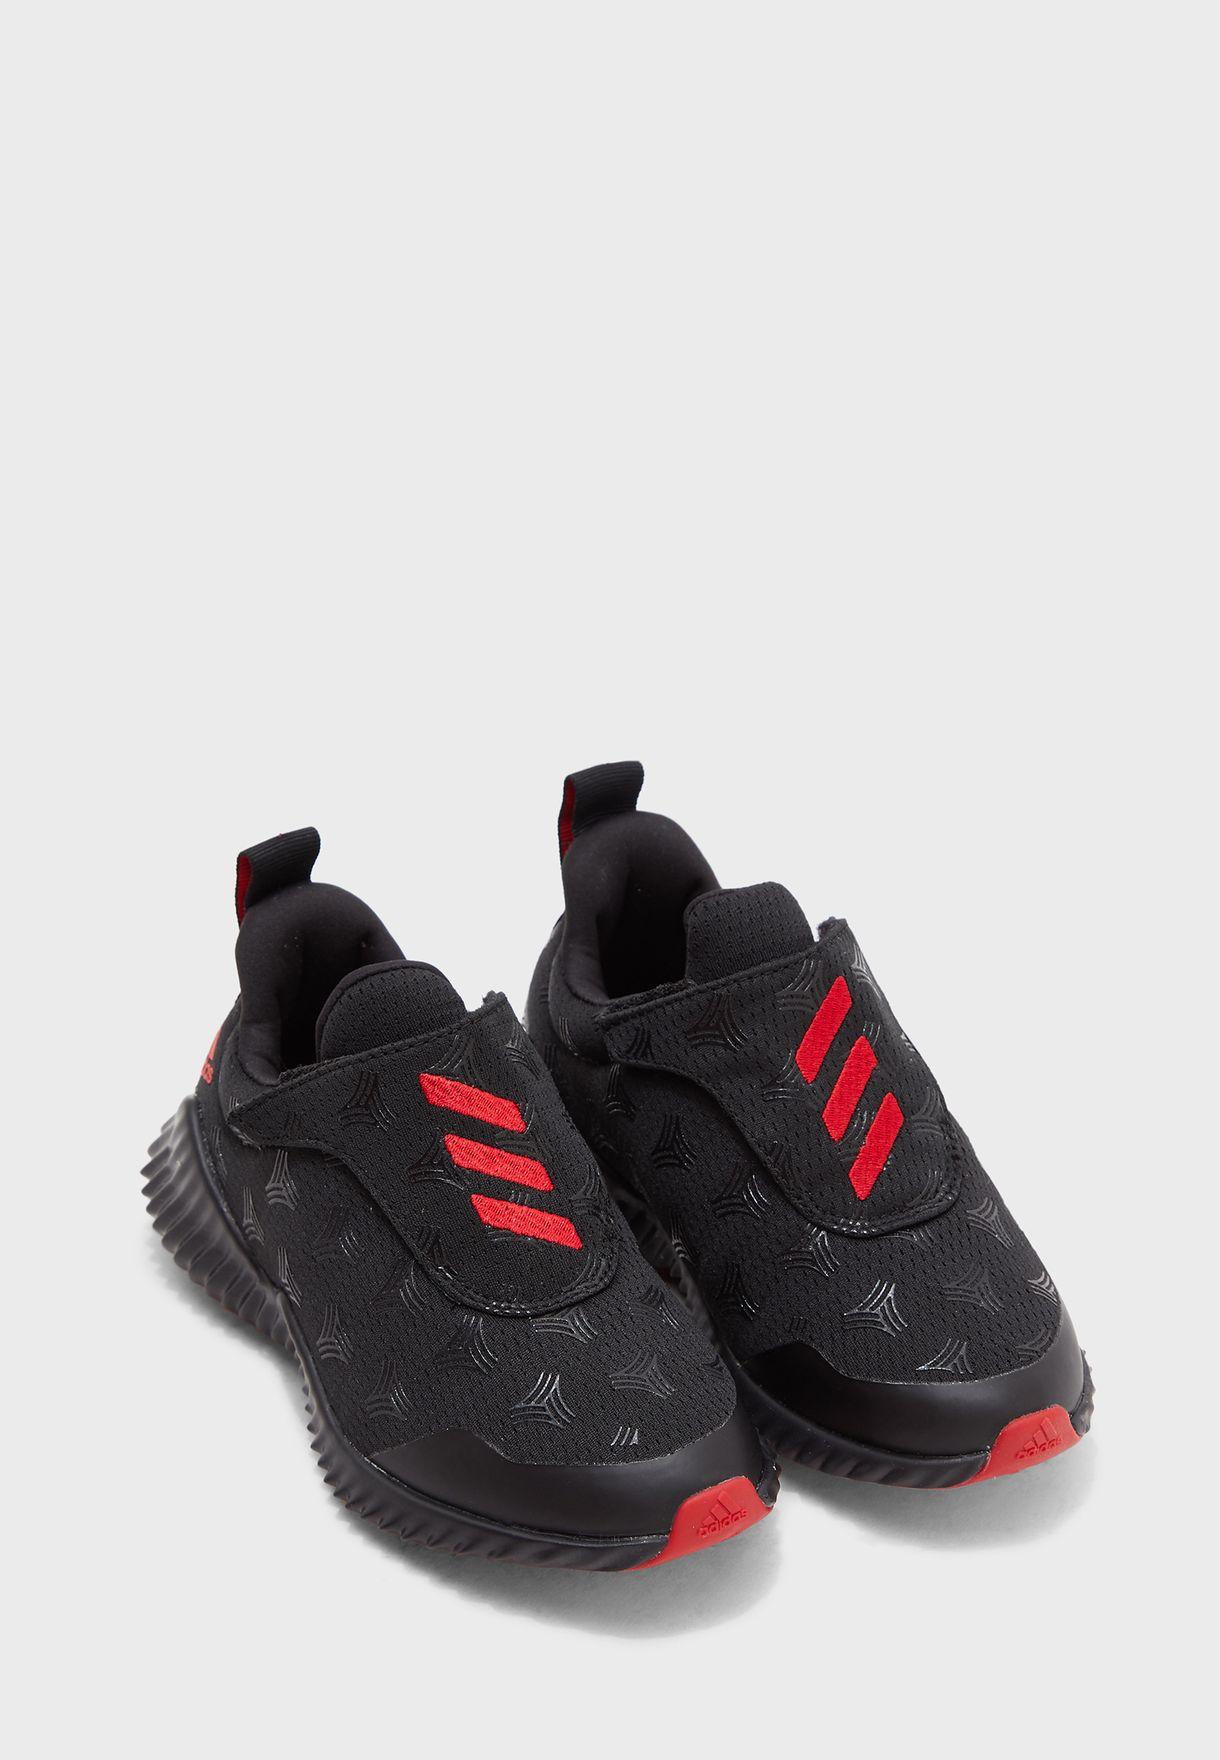 حذاء فورتا رن تانجو اي سي